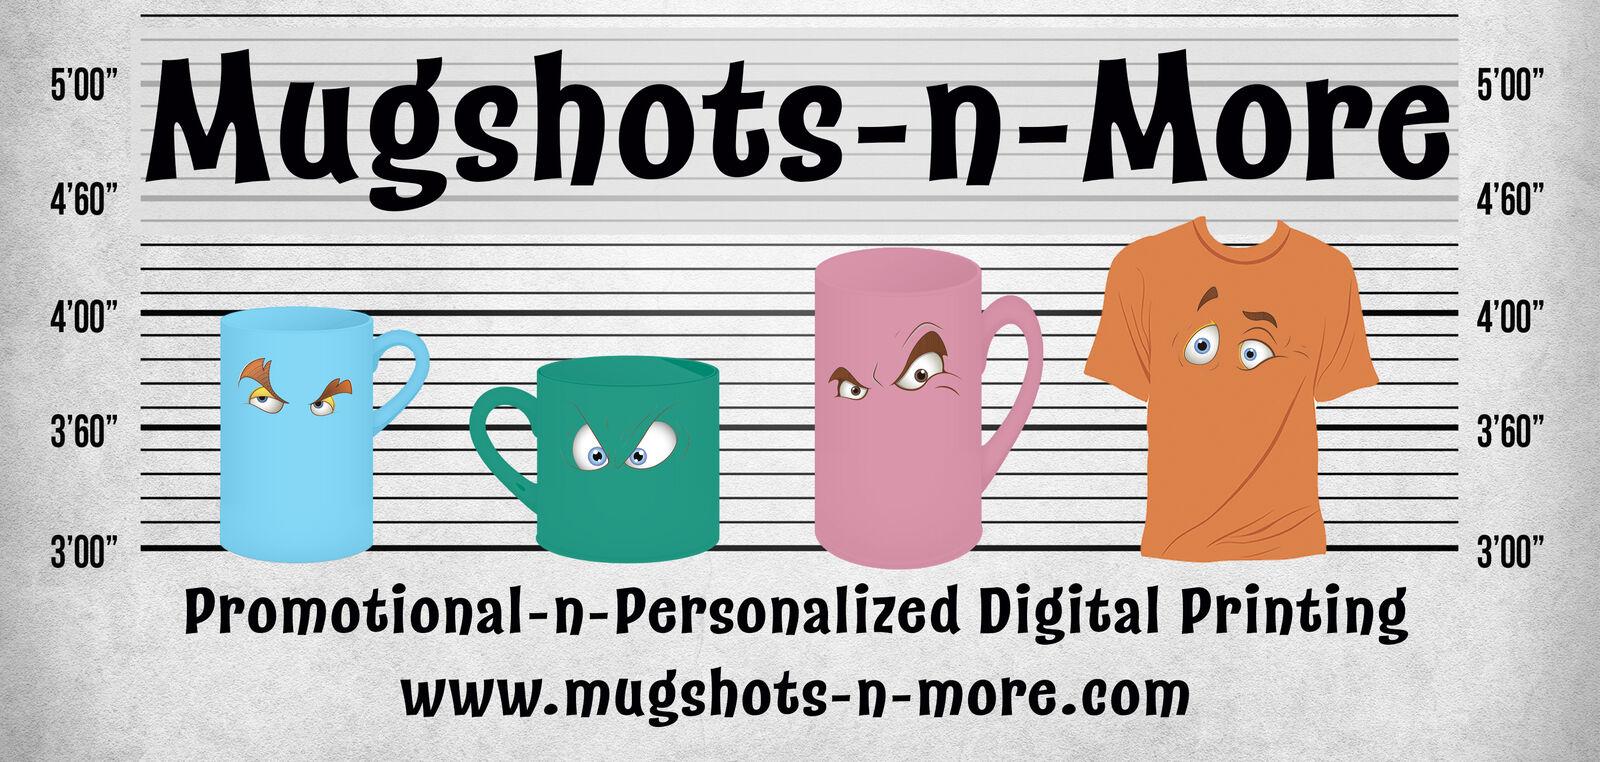 Mugshots-n-More